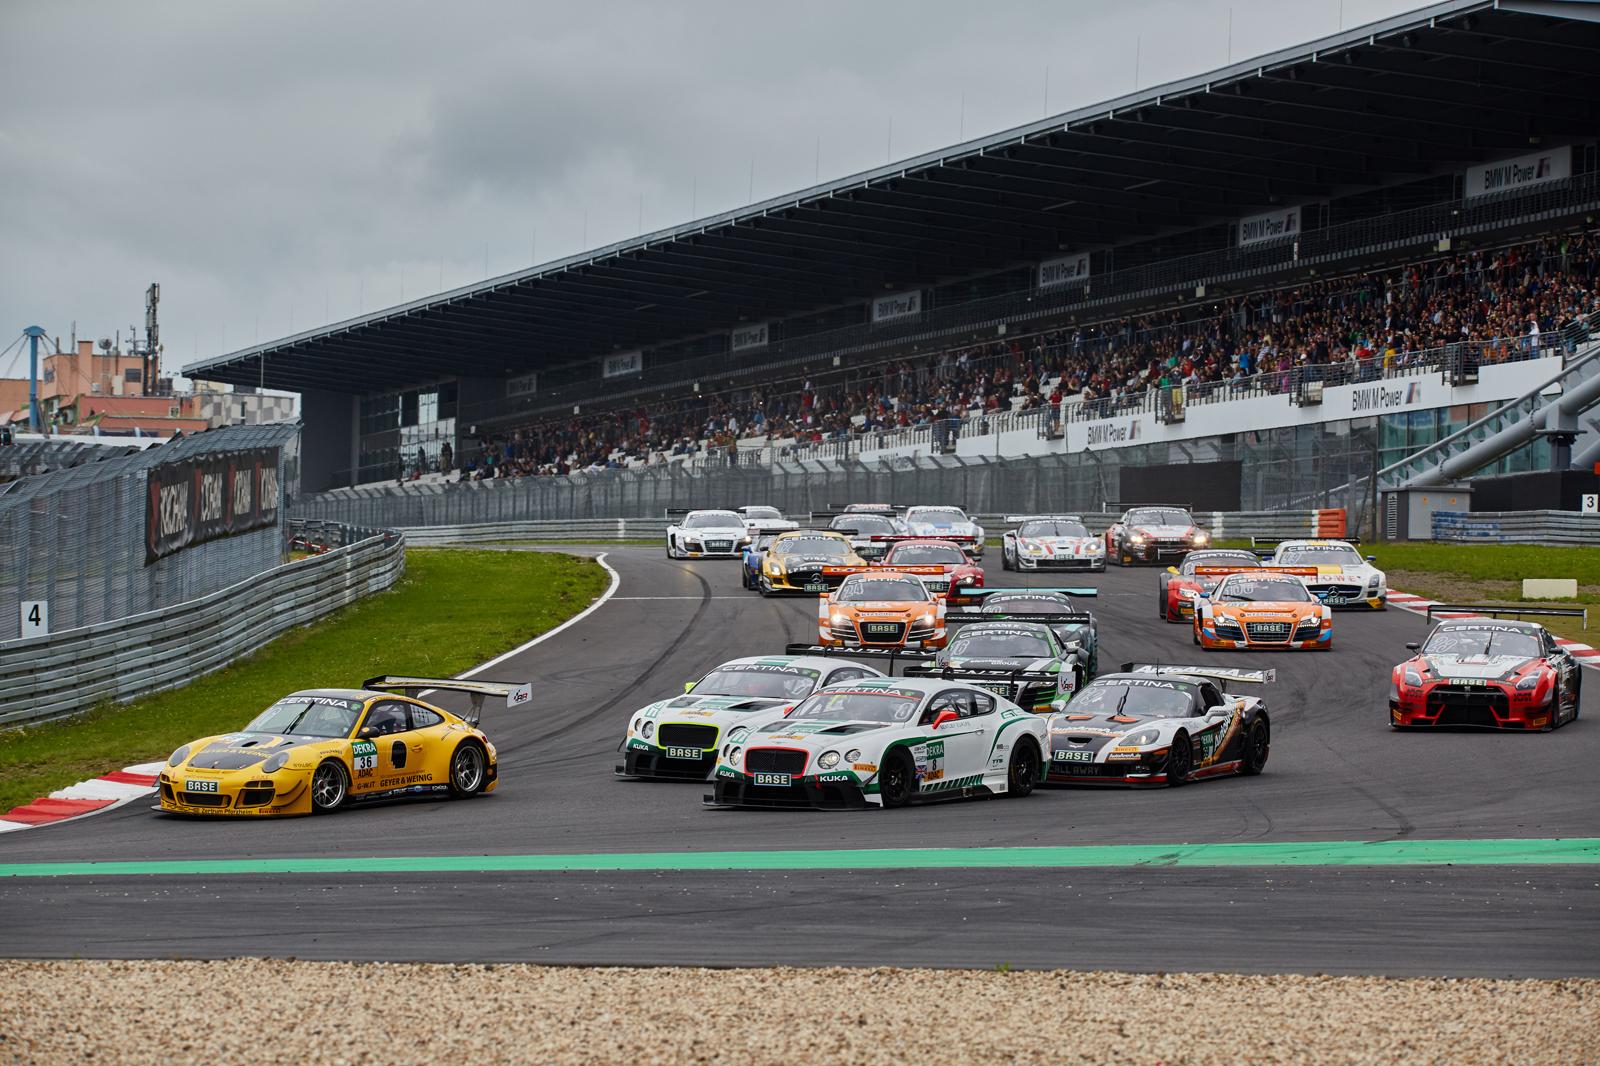 Nurburgring /DE)